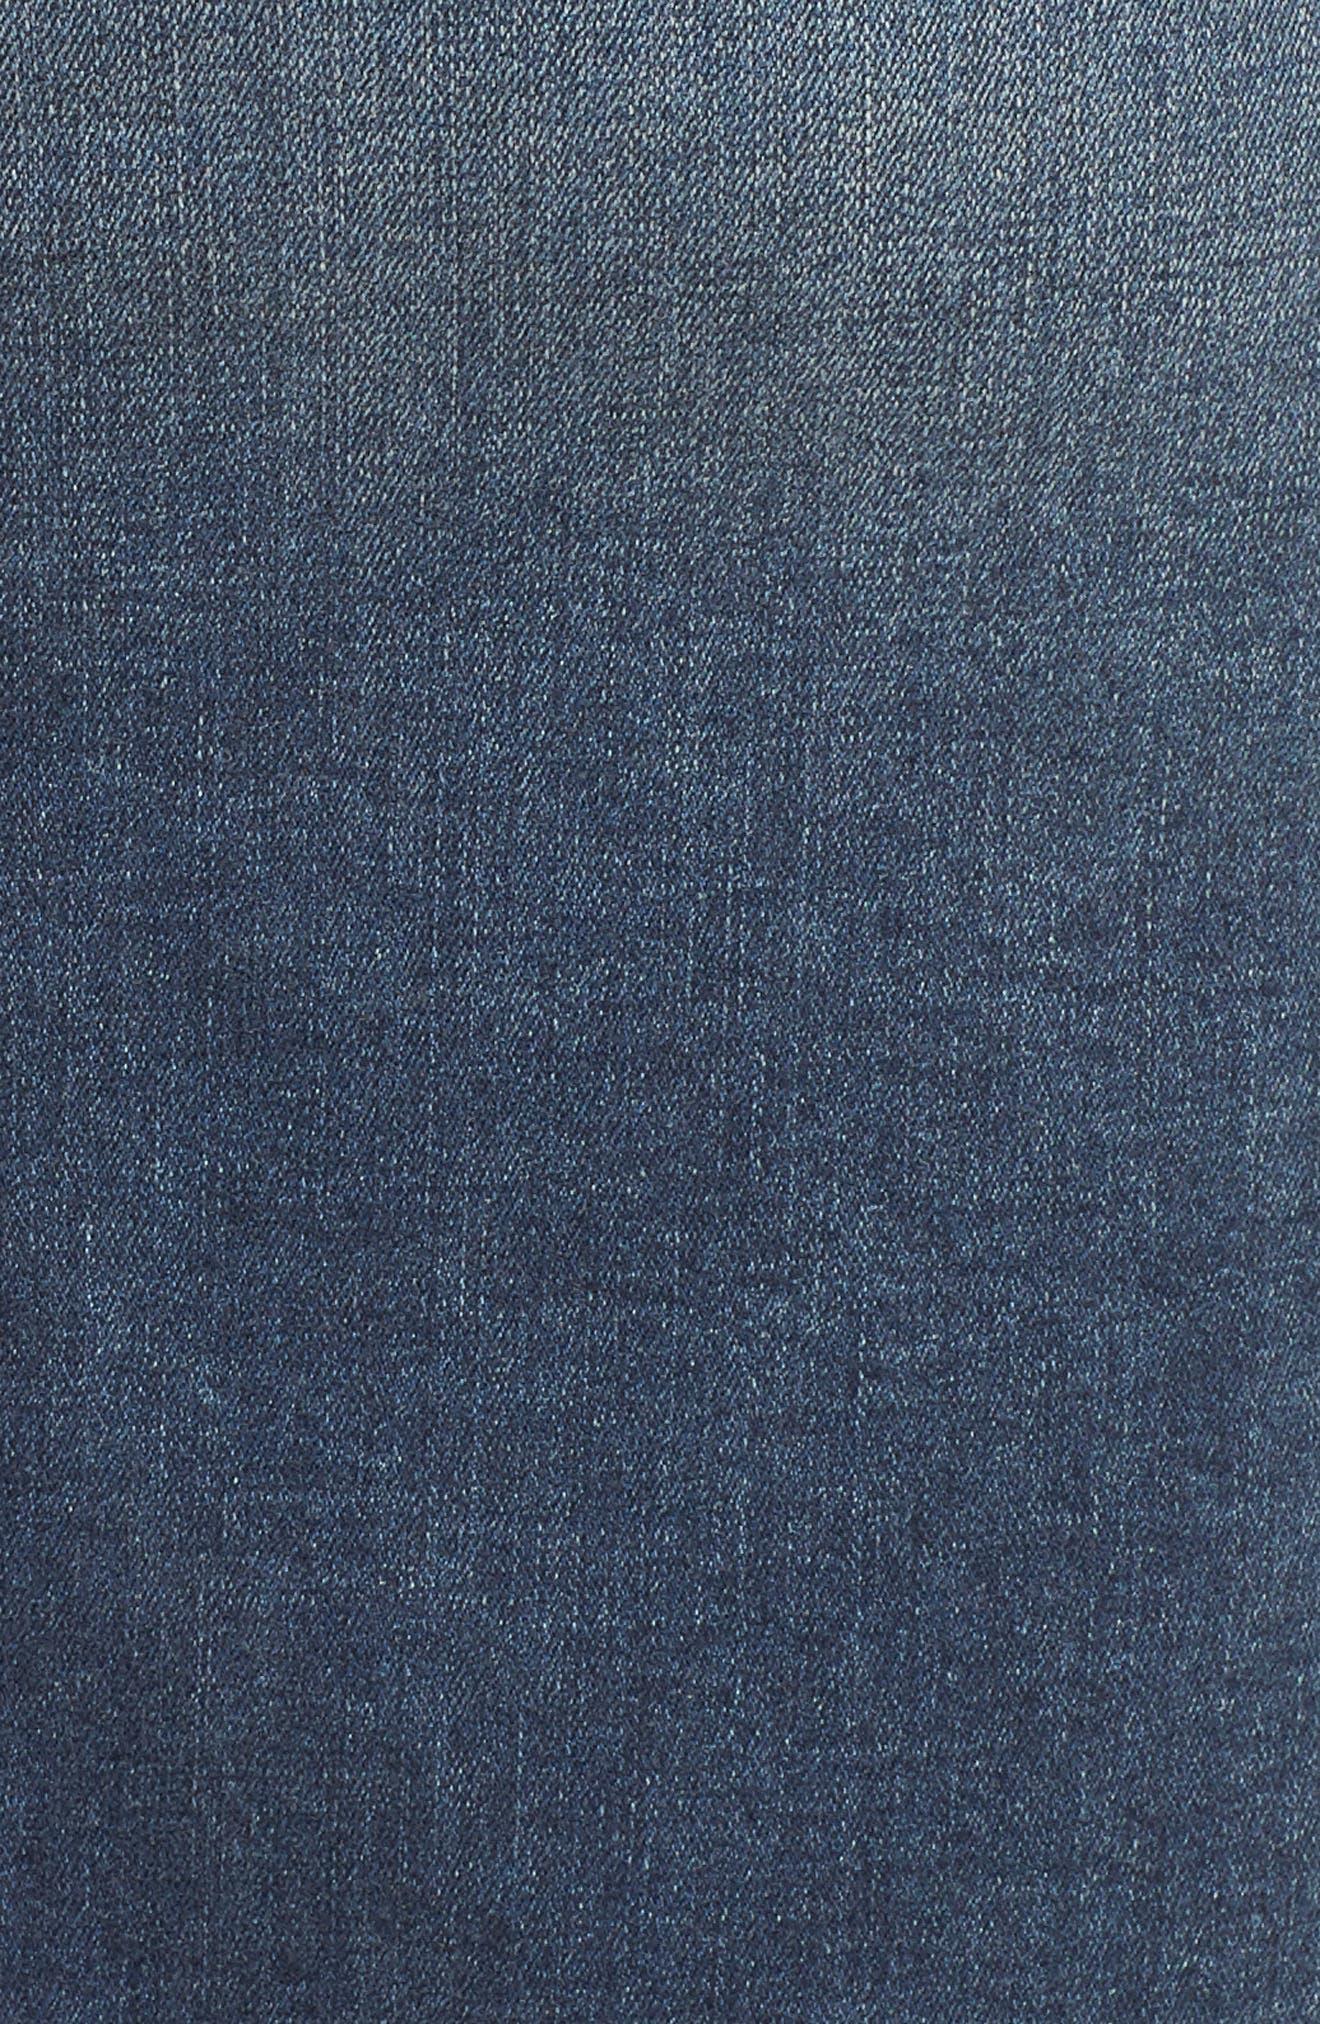 Patchwork Denim Skirt,                             Alternate thumbnail 5, color,                             VANESSA